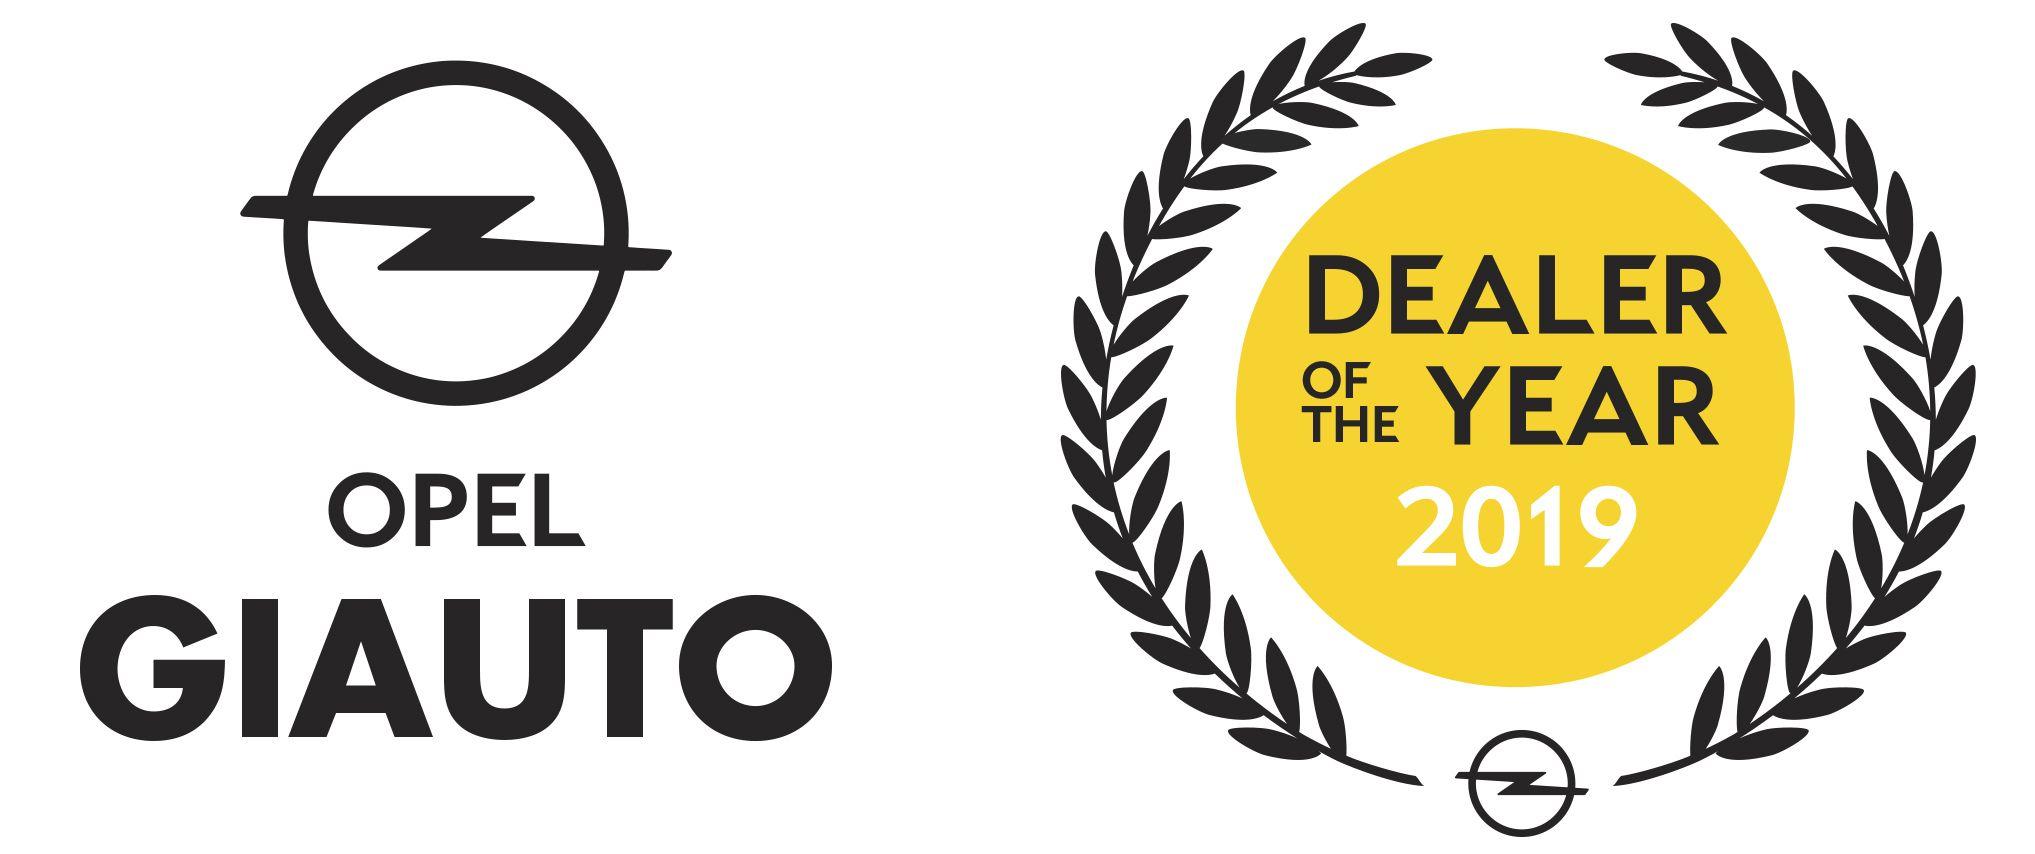 Giauto consigue el galardón: concesionario del año 2019